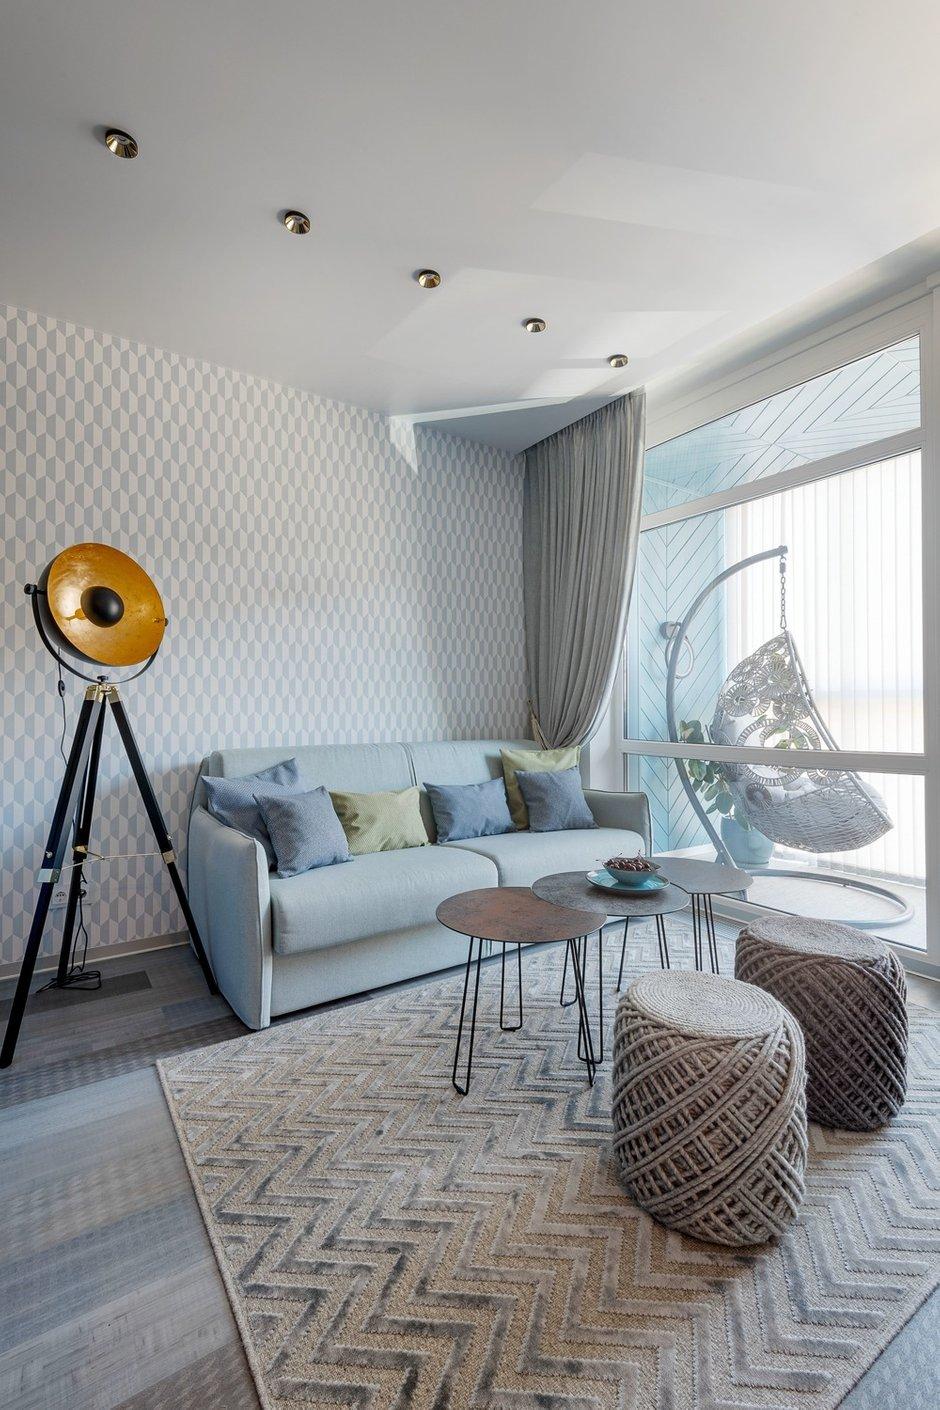 Фотография: Гостиная в стиле Современный, Квартира, Проект недели, 2 комнаты, 40-60 метров, Светлогорск, Виктория Лазарева – фото на INMYROOM